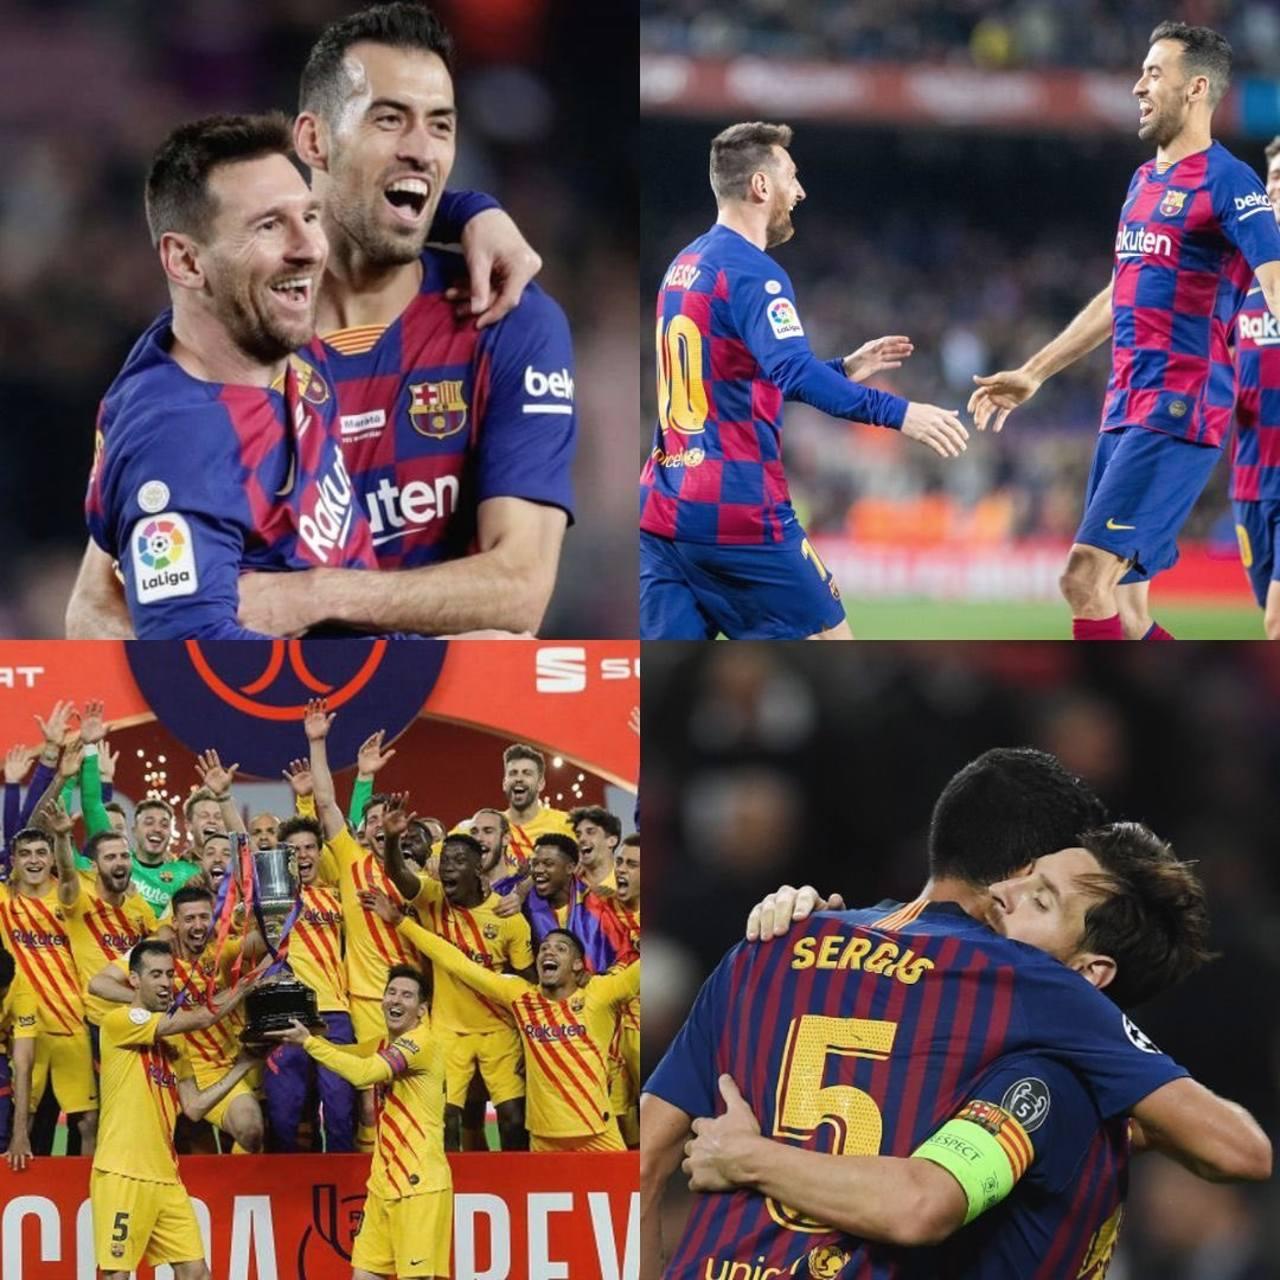 Barcelona messi futbol sergio busquets